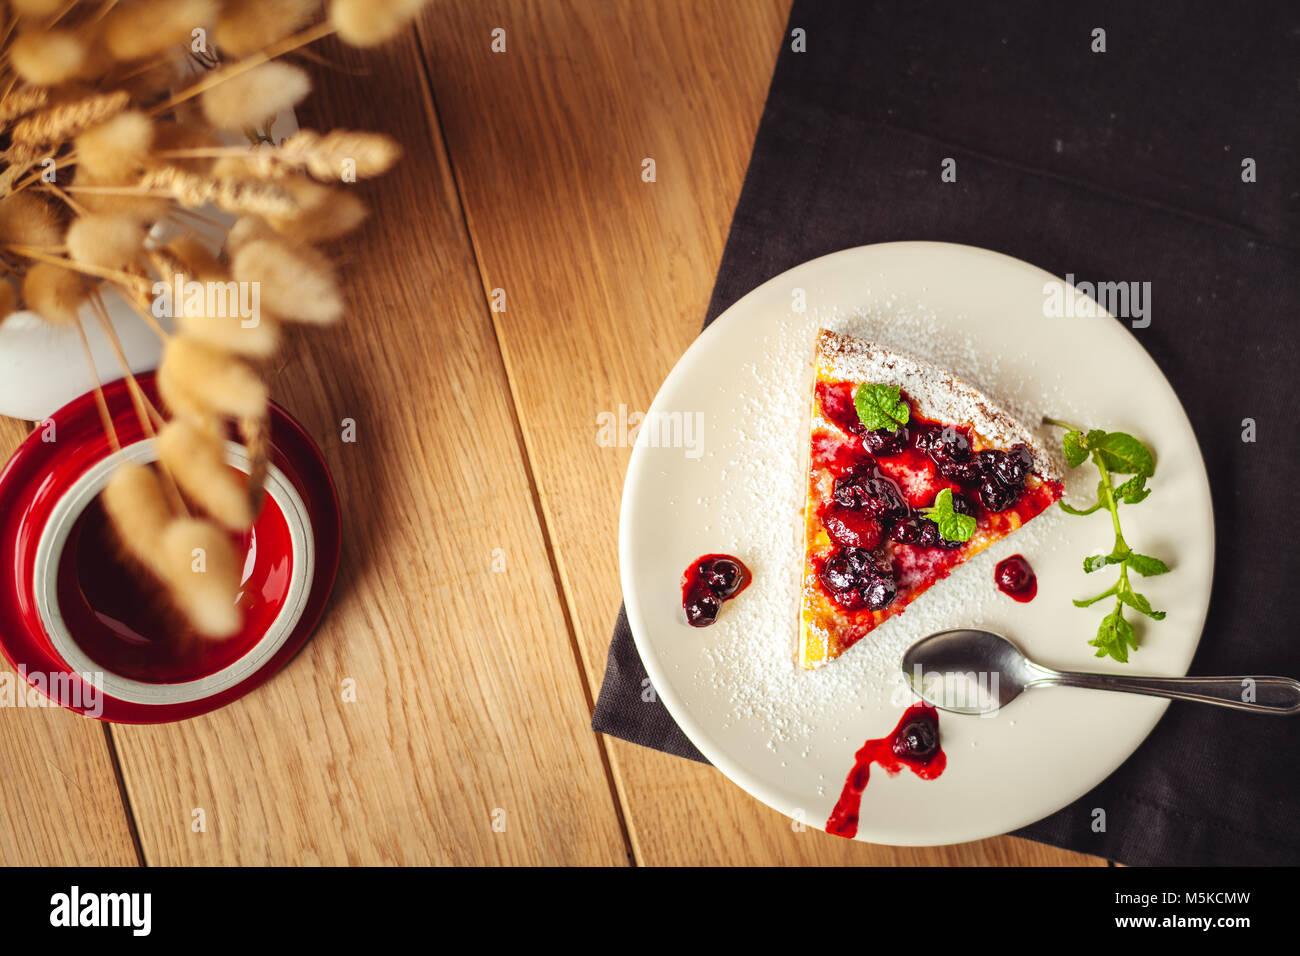 Belle italienne Cheesecake aux fruits rouges, de menthe et du sucre en poudre sur fond de bois, selective focus Photo Stock